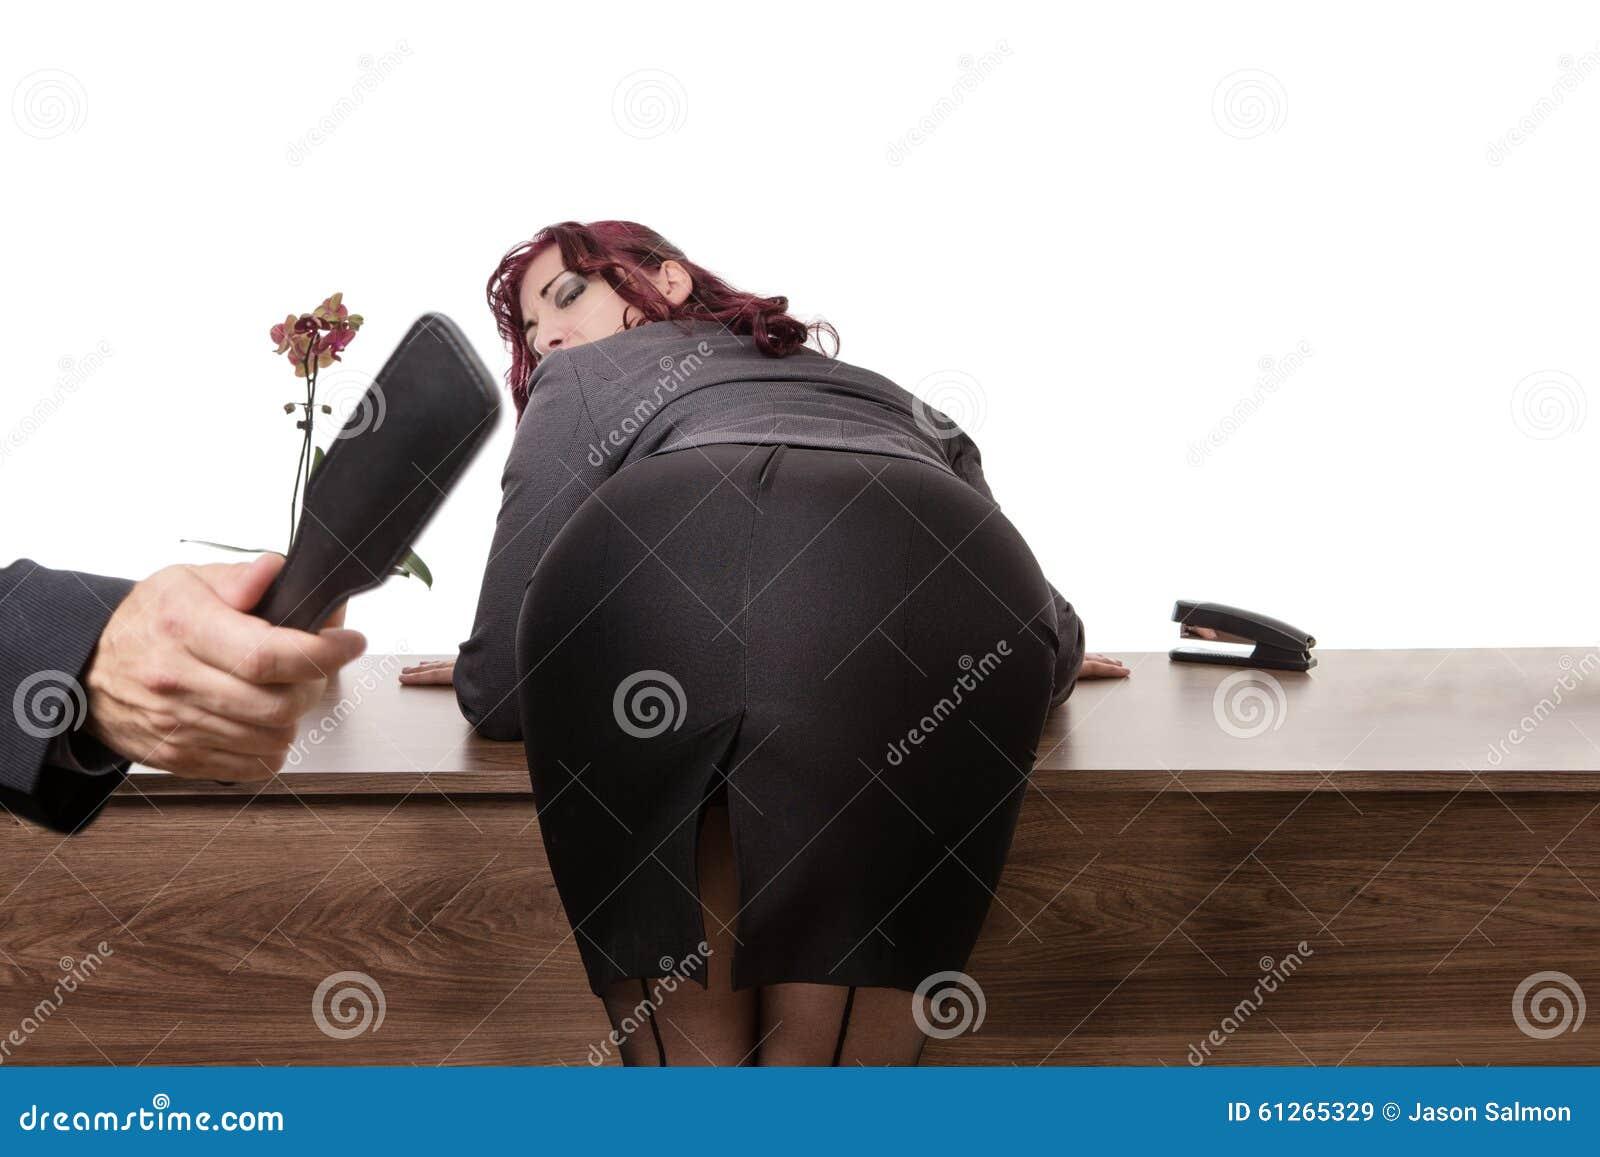 фотогалерея босс наказать секретарша потом